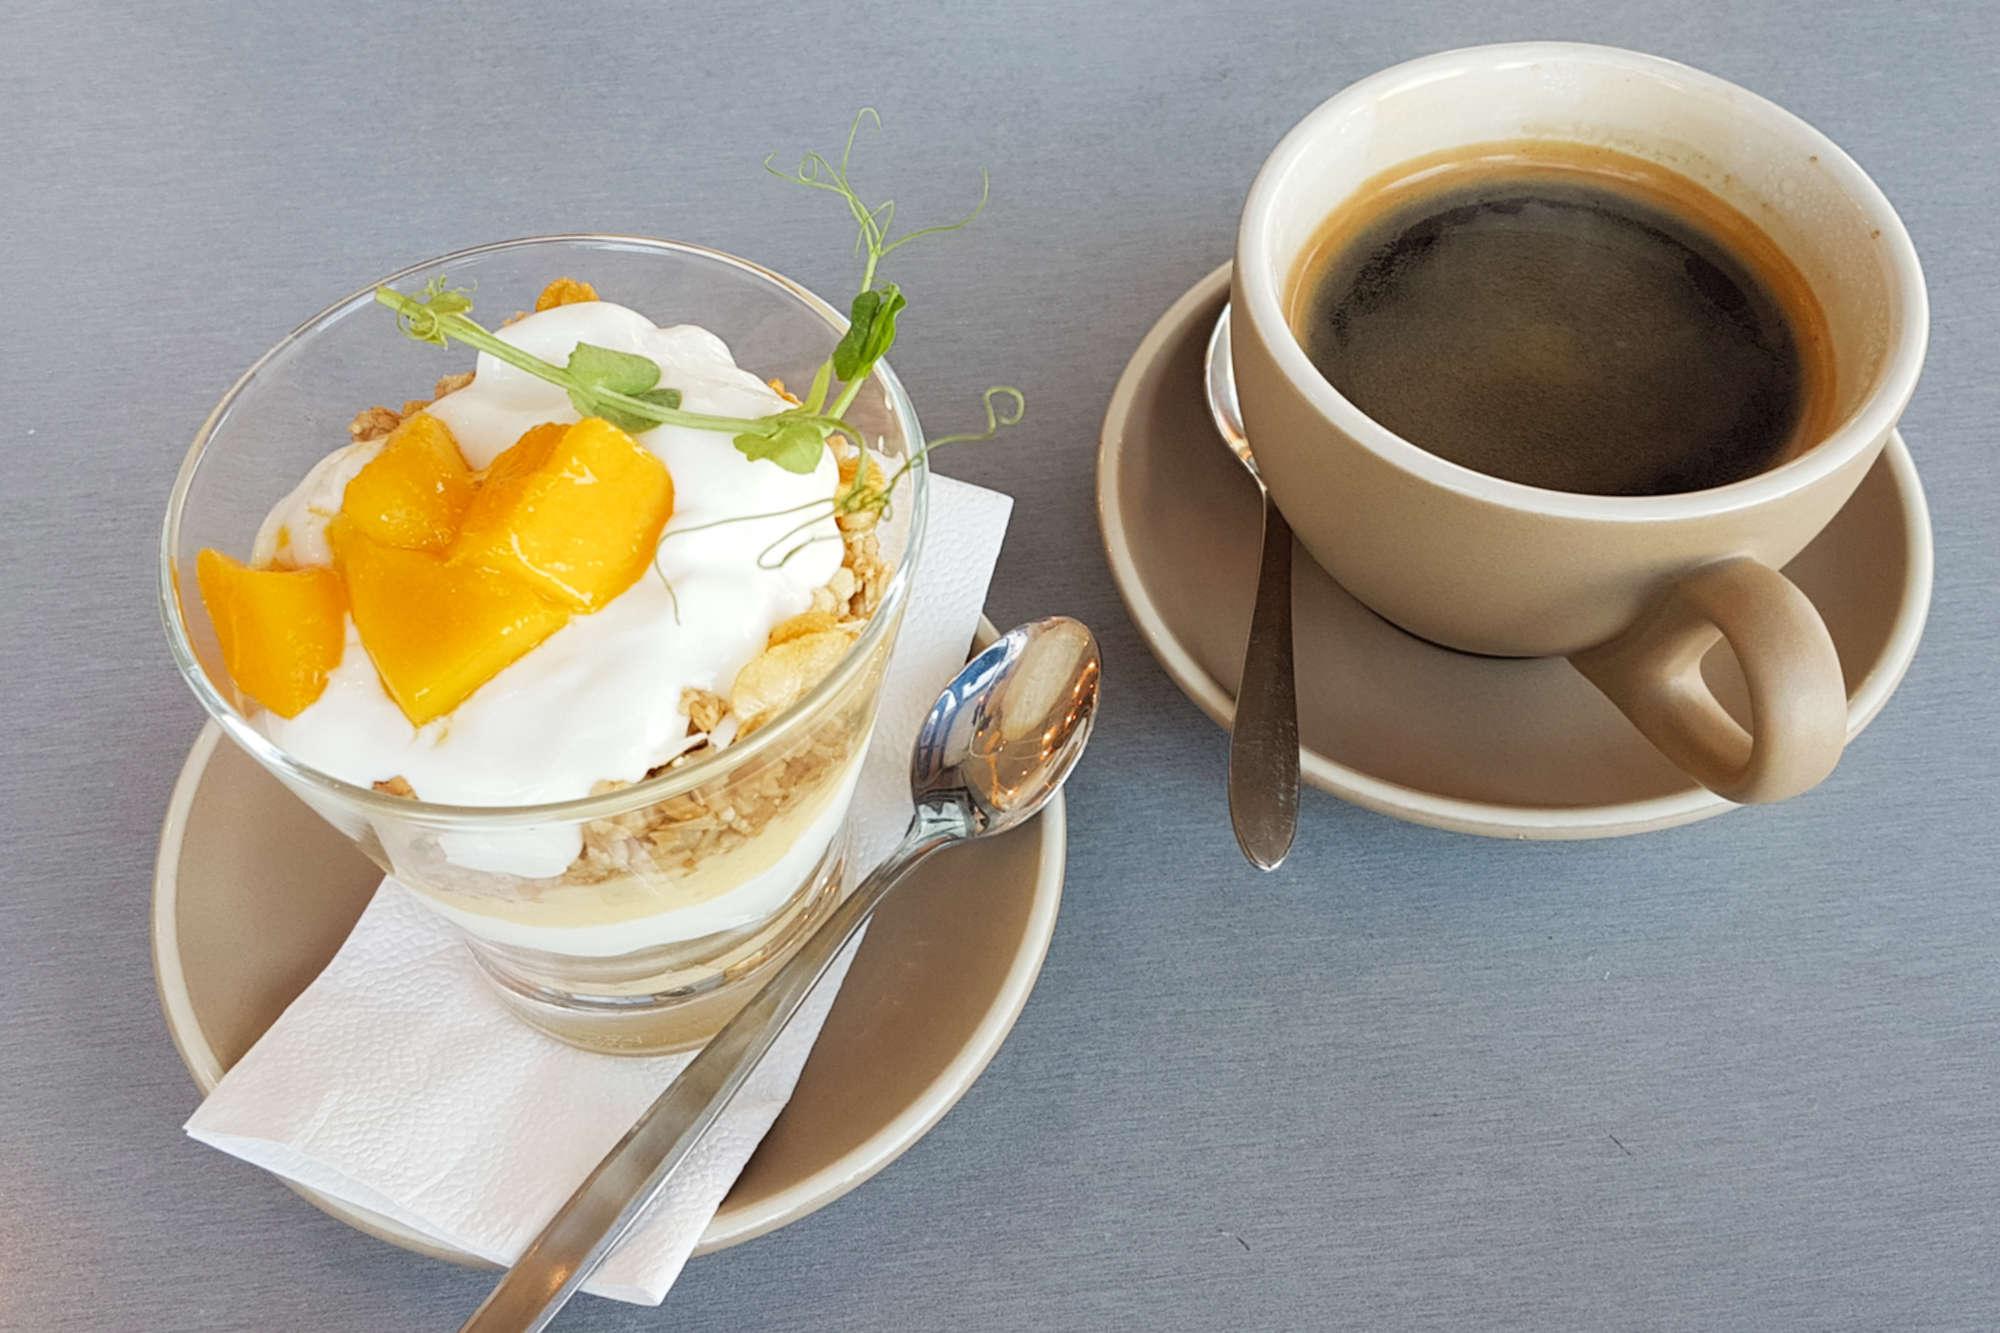 Seroja - muesli and coffee